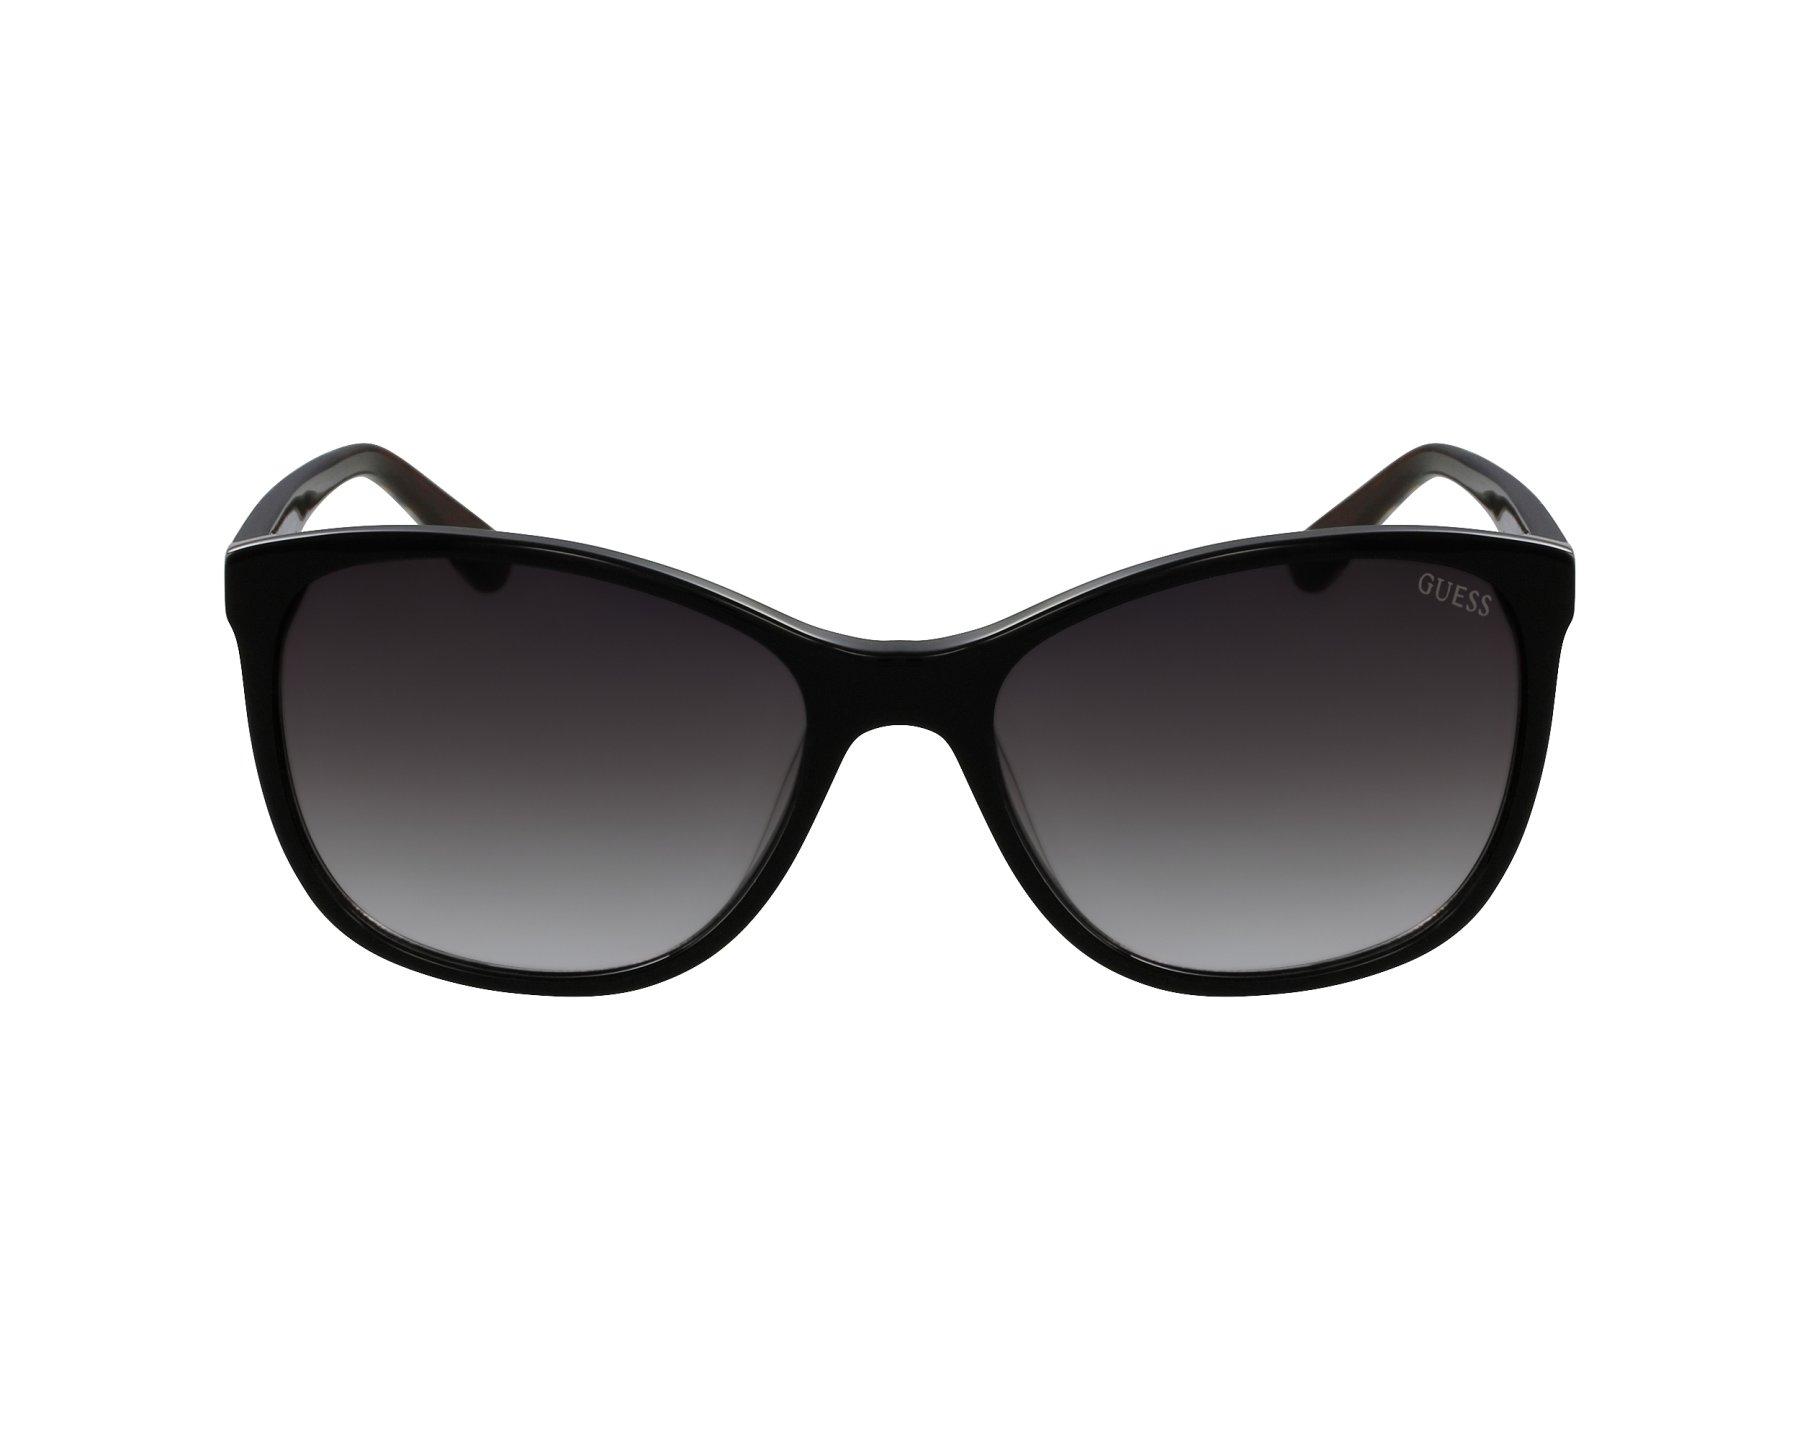 Guess Sunglasse  guess sunglasses gu7426 01b 58 visionet